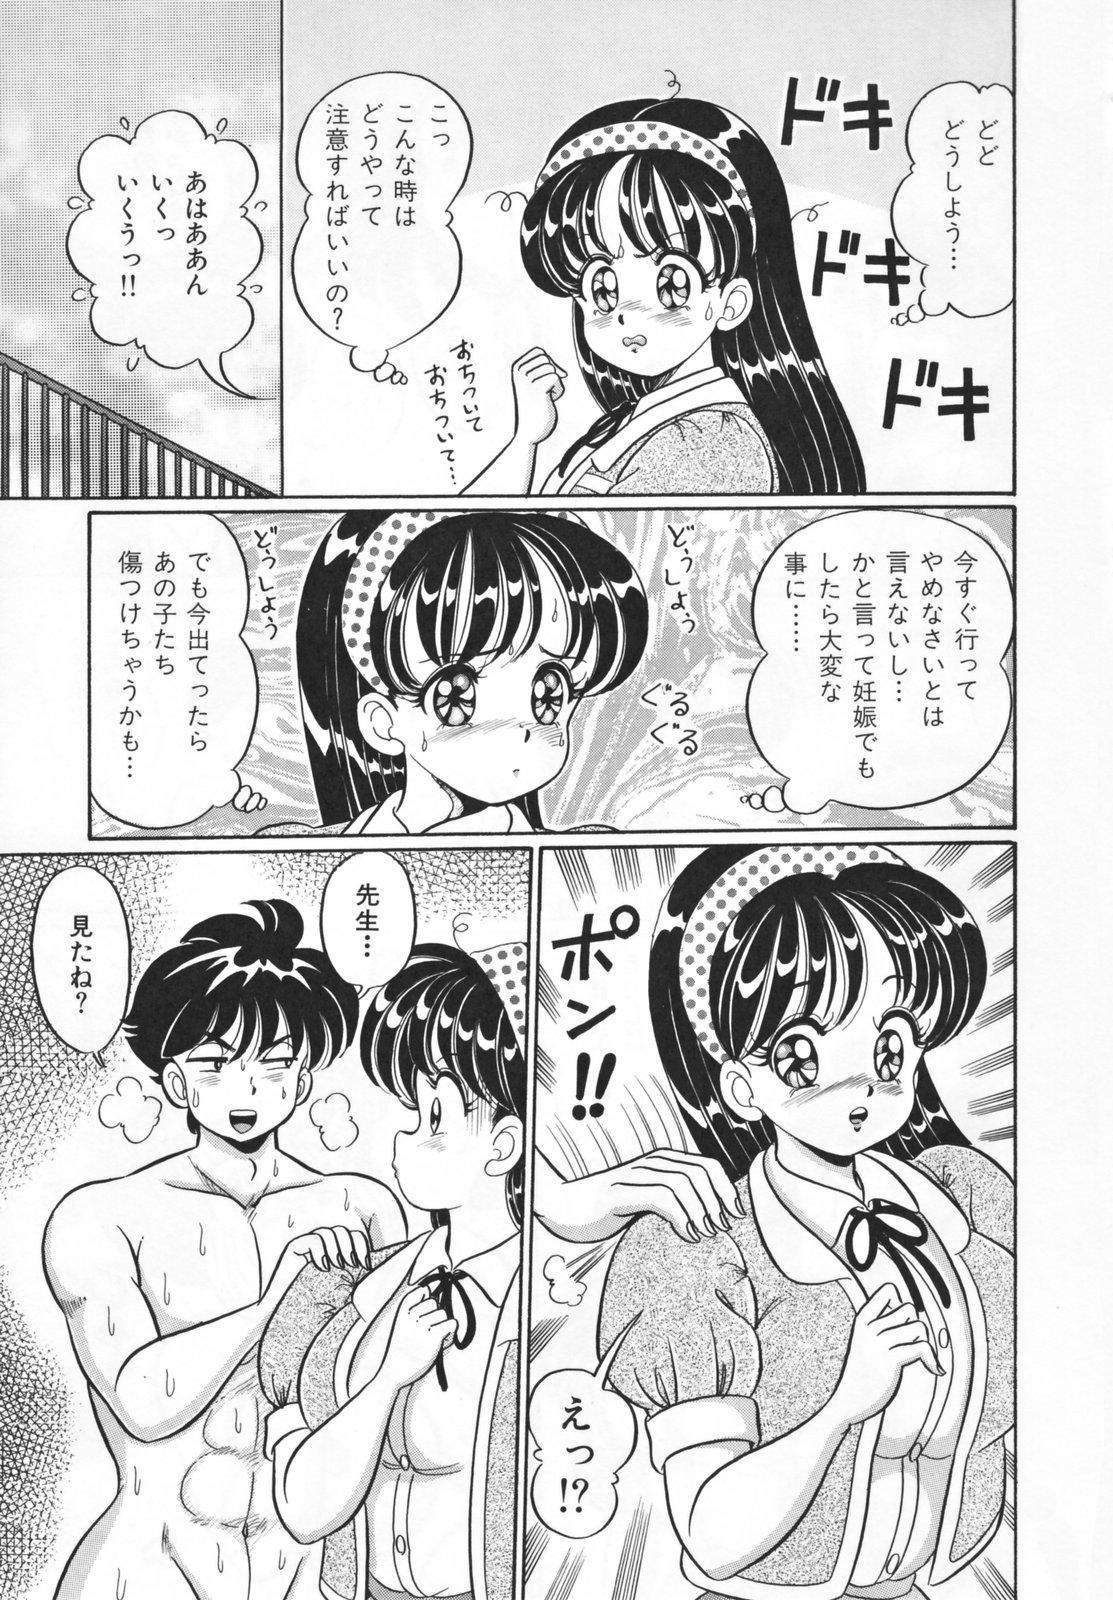 Houkago no Bakunyuu Hatsutaiken 30